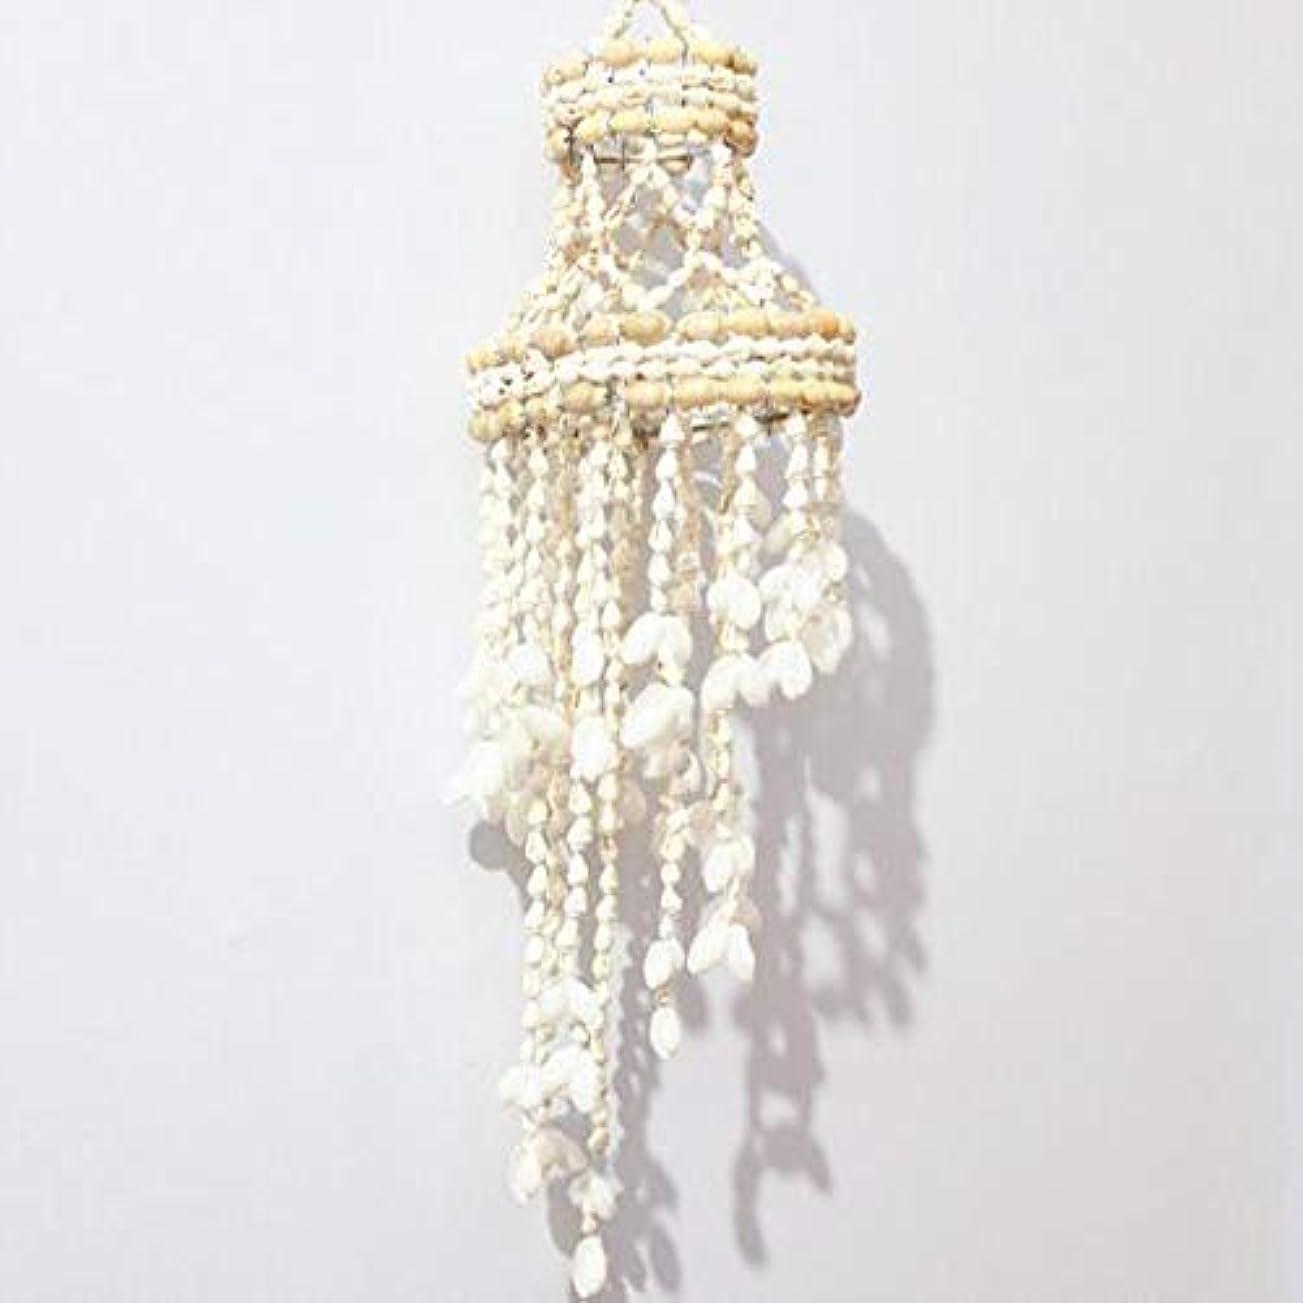 でに対して十Chengjinxiang 風チャイム、ナチュラル手作りシェル風の鐘、ホワイト、約長さ50cm,クリエイティブギフト (Color : D)